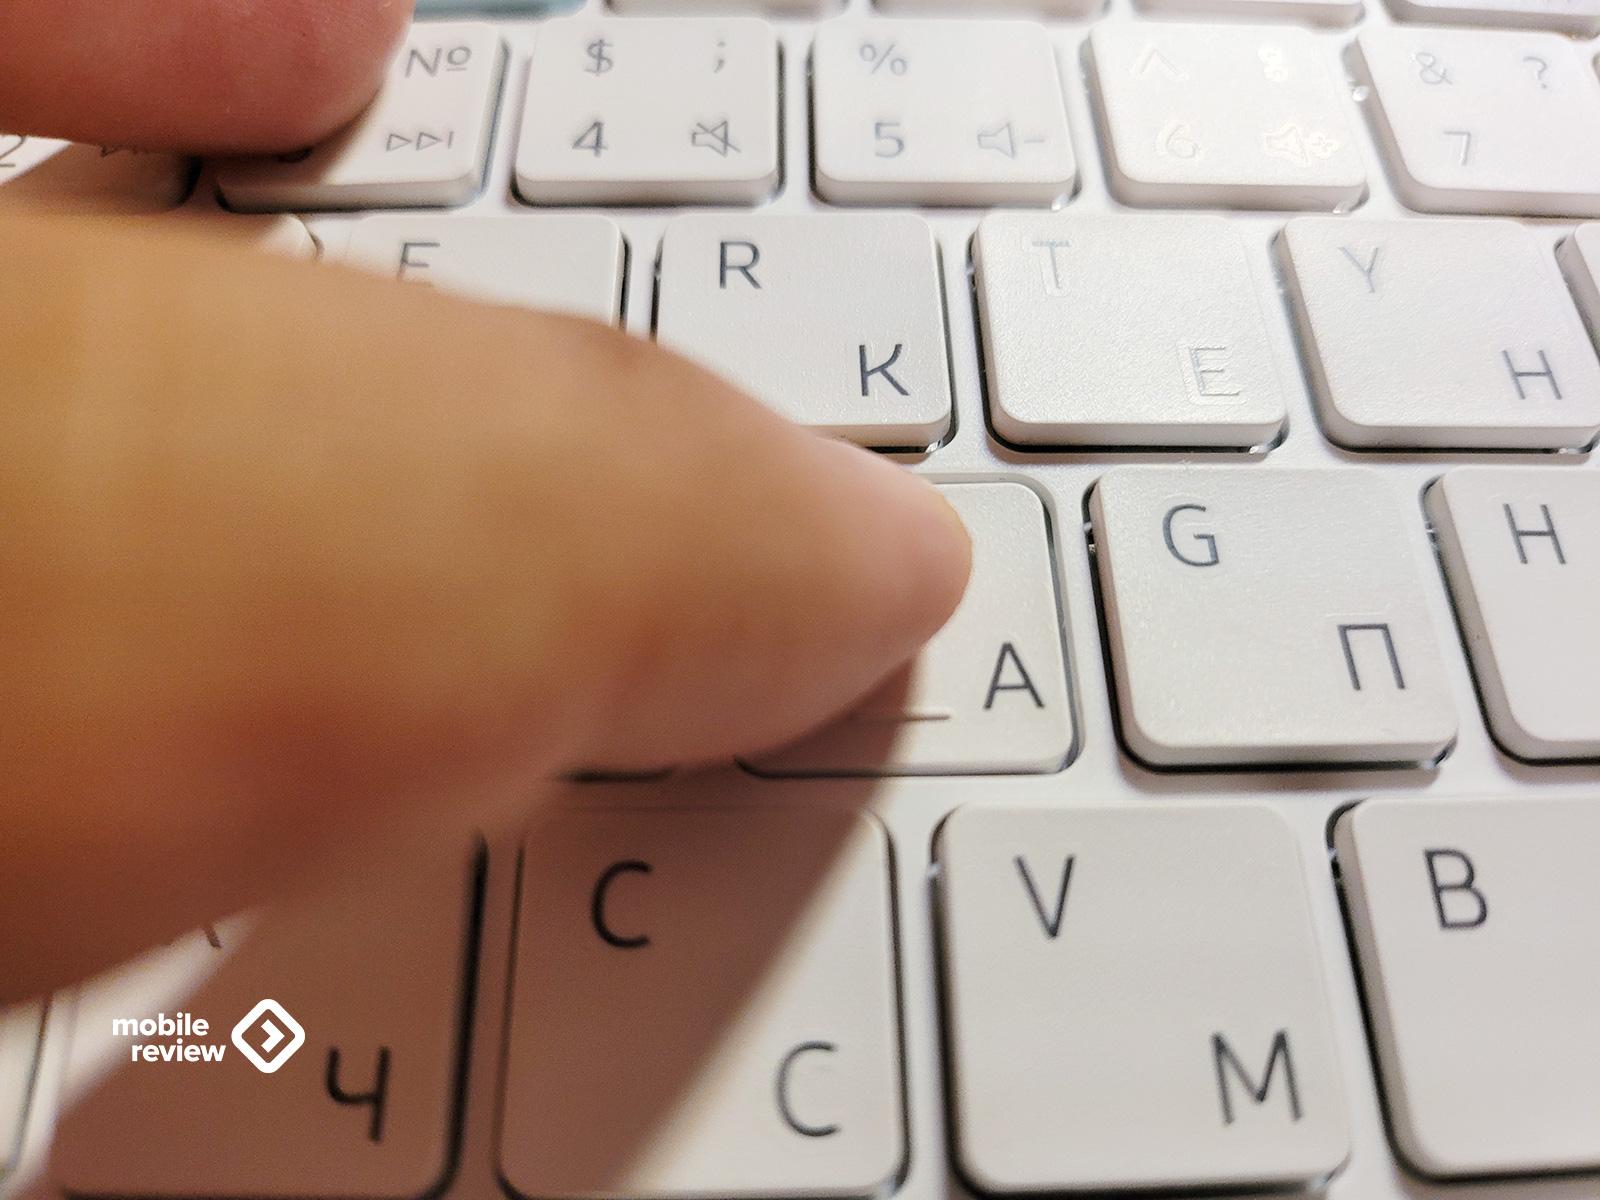 Клавиатура для смартфона, ТВ и не только — Samsung Smart Keyboard Trio 500